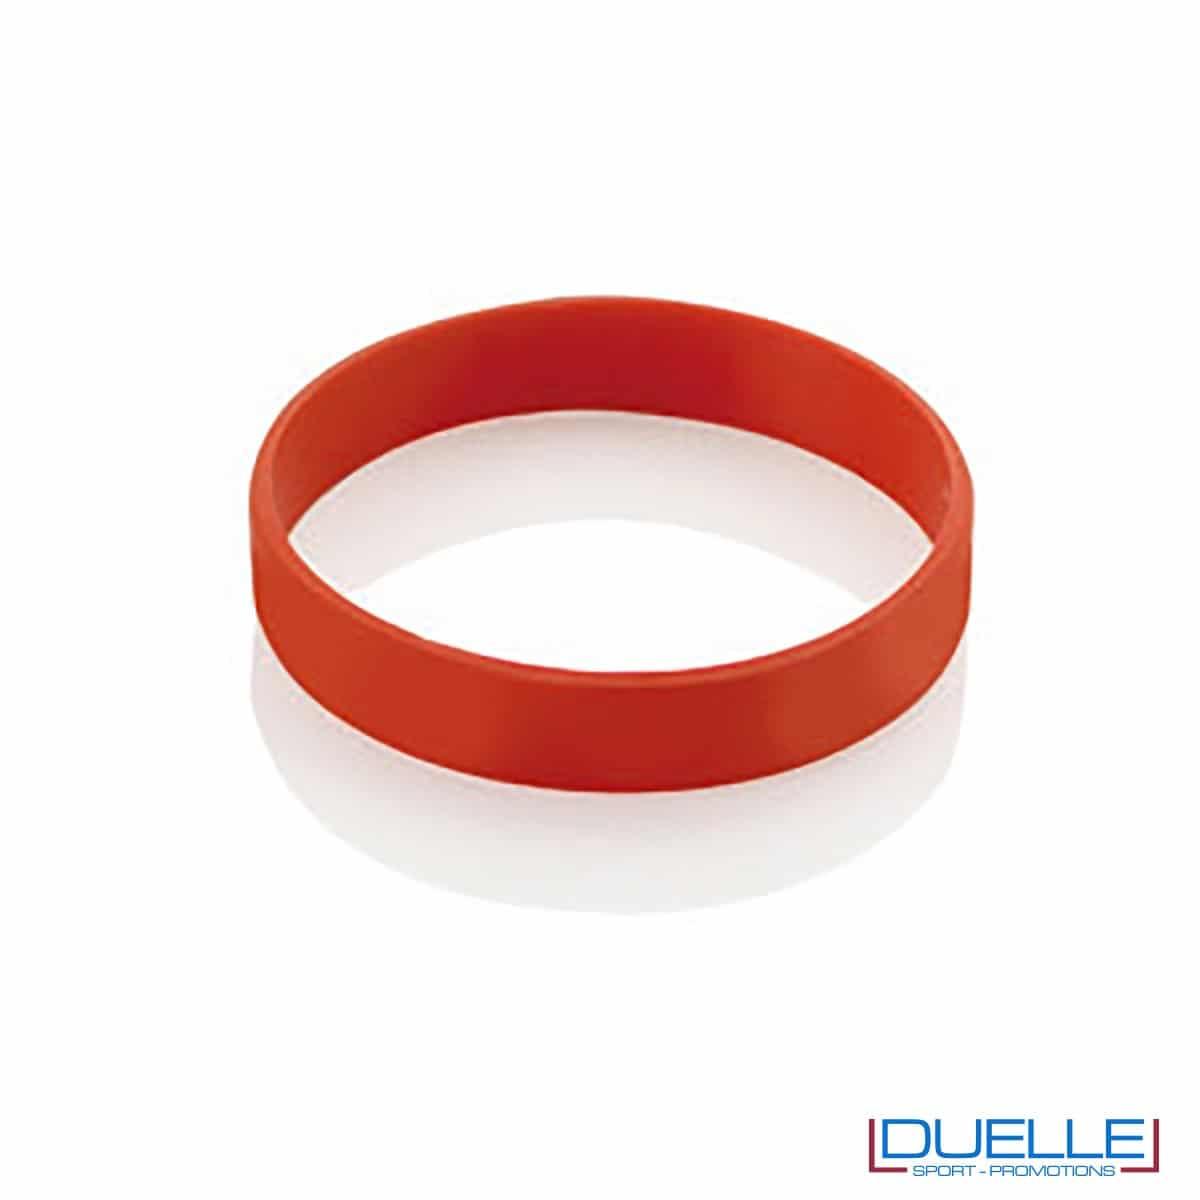 bracciale in silicone personalizzato rosso Europei 2016, gadget estate sport, gadget Europei 2016, gadget tifo